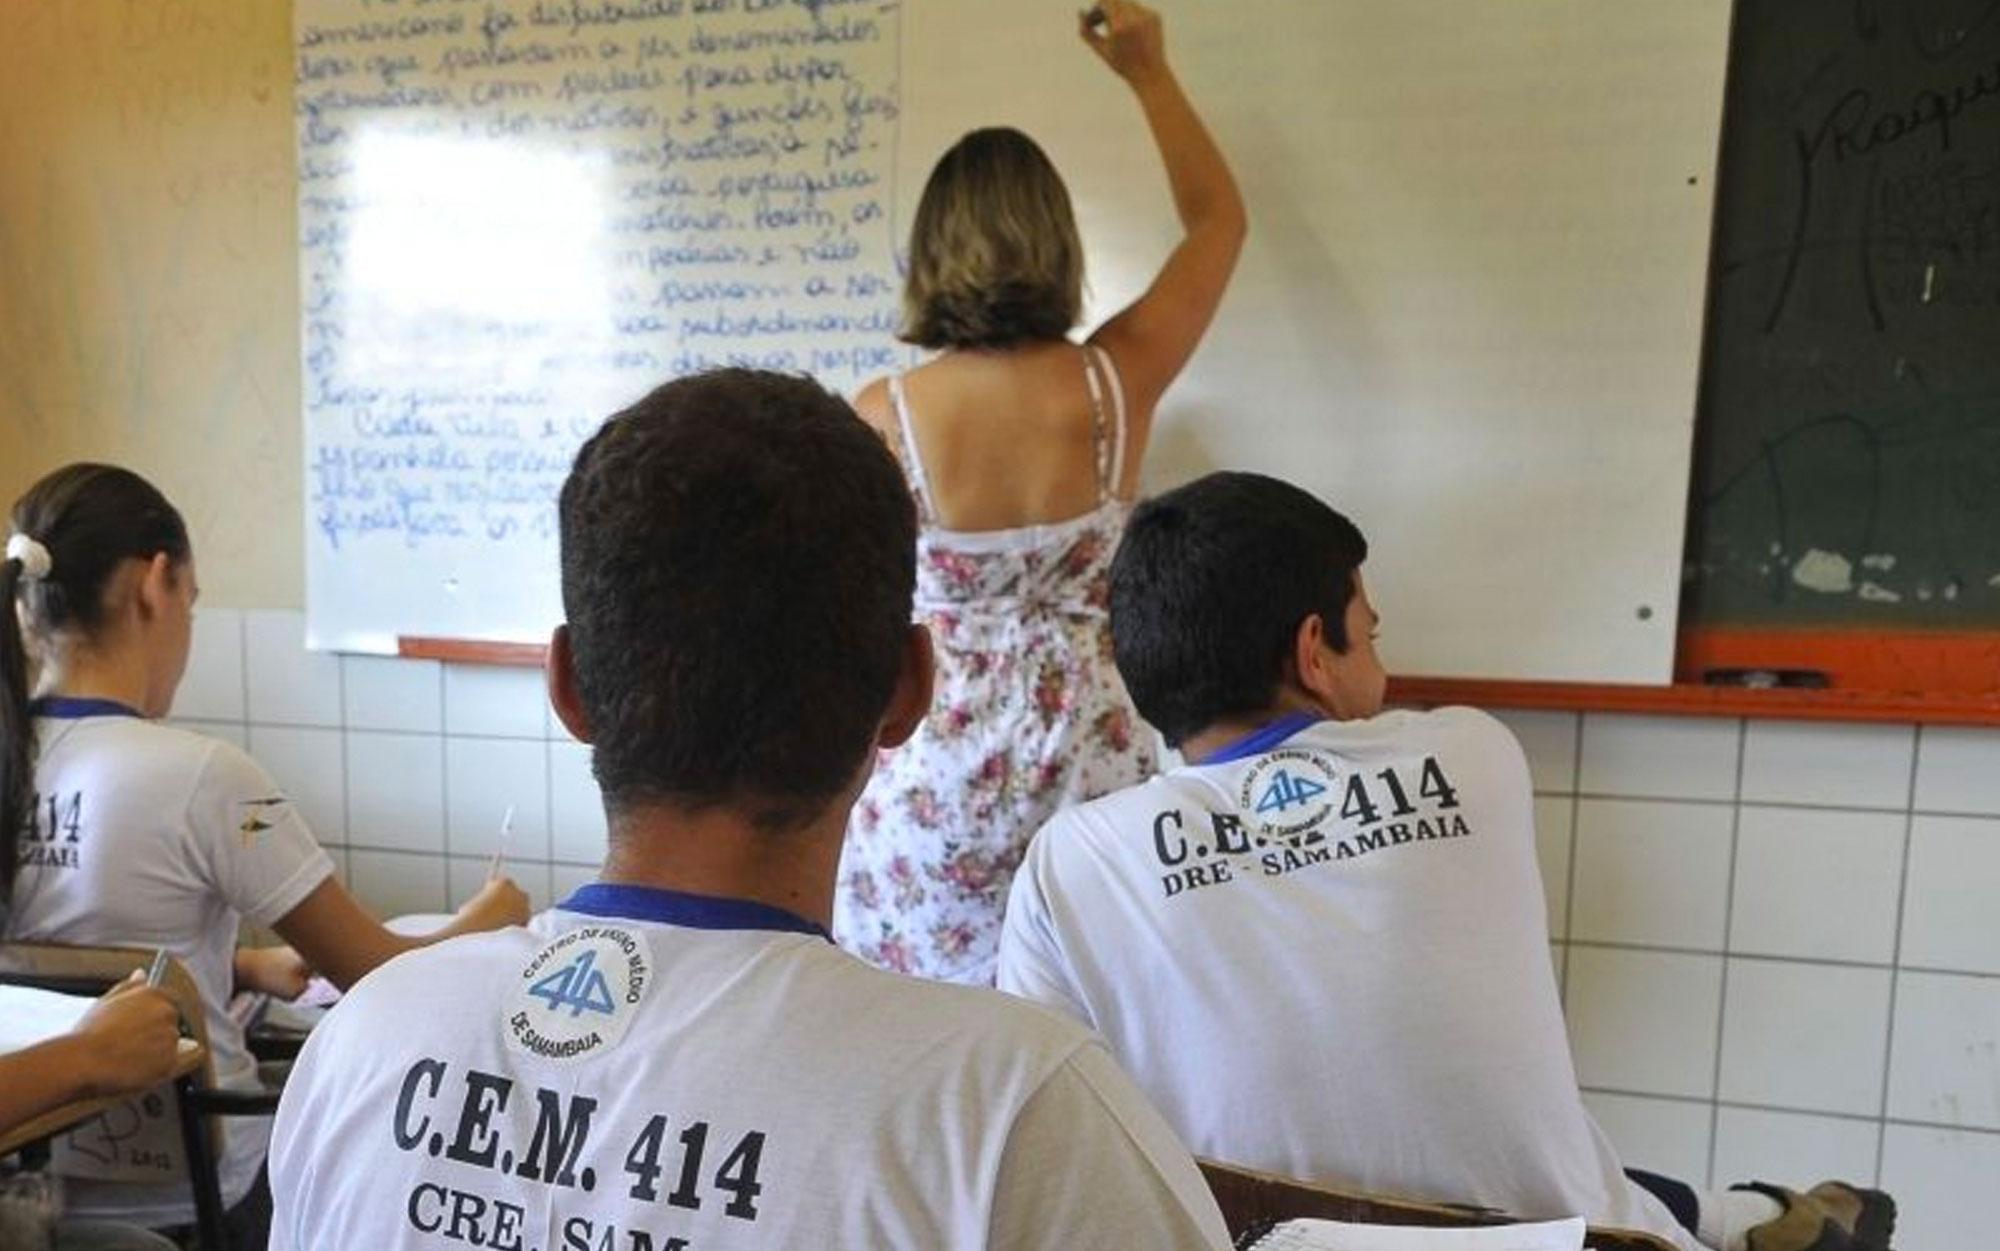 Maioria dos professores aprende sozinha sobre tecnologia (foto: Arquivo/Agência Brasil)